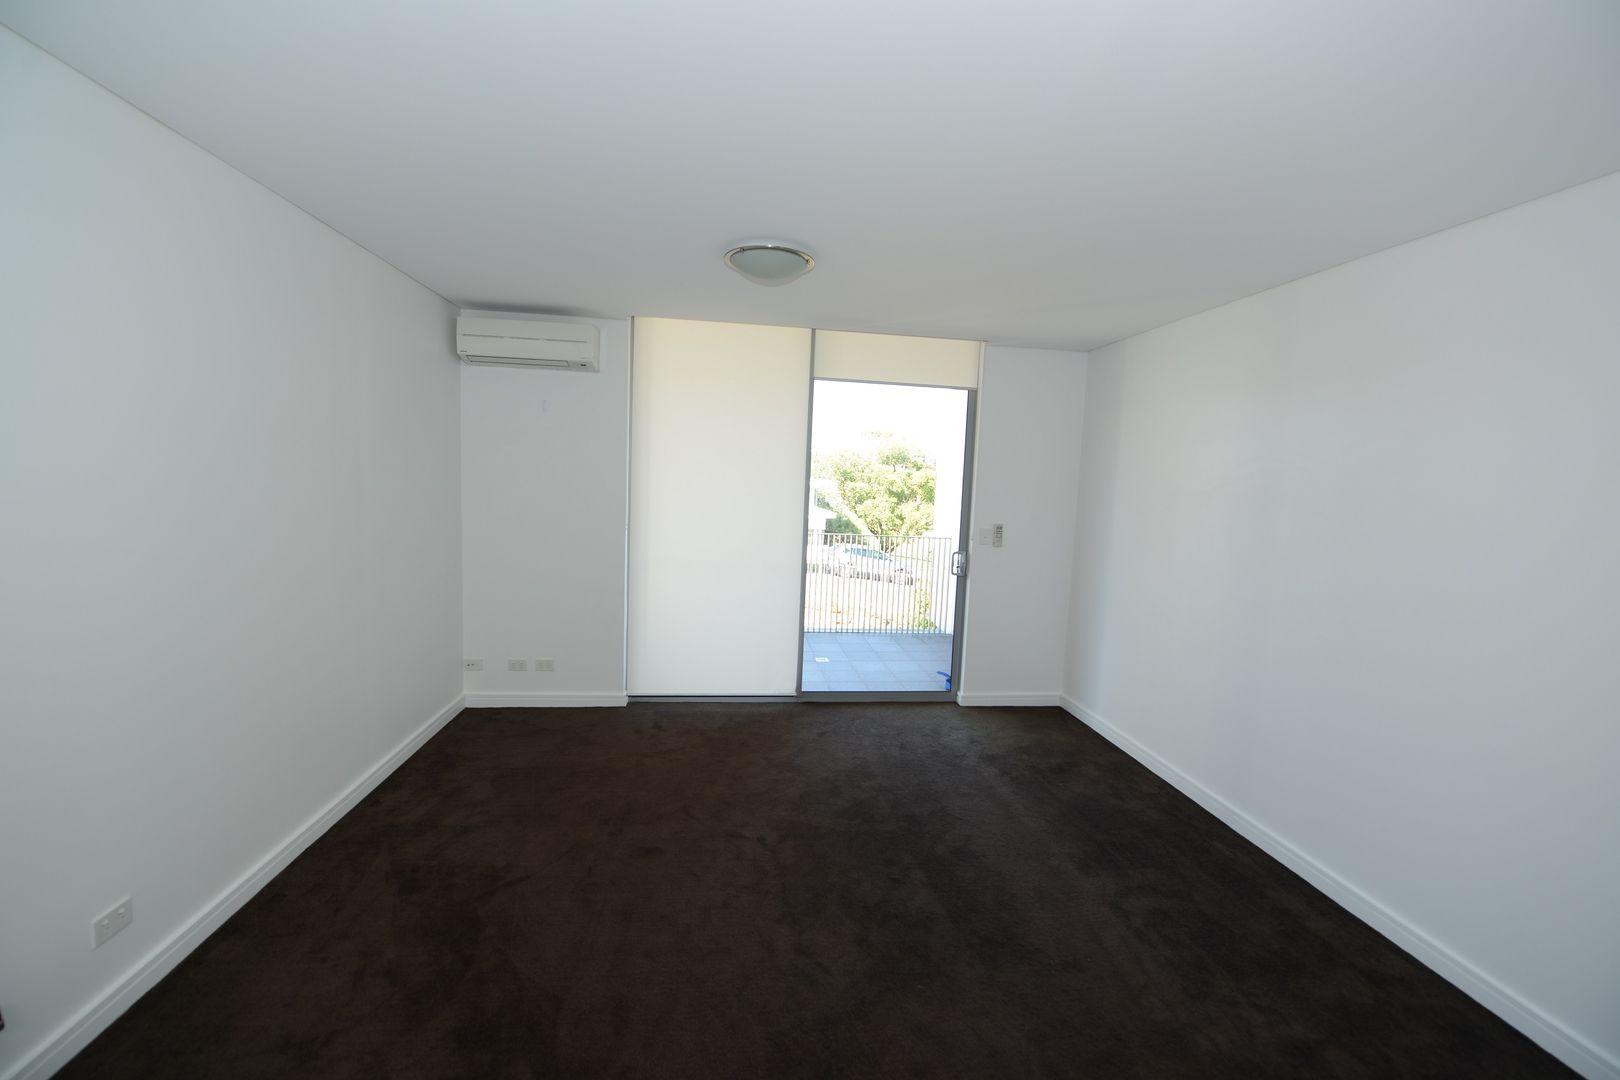 82/525 Illawarra, Marrickville NSW 2204, Image 1